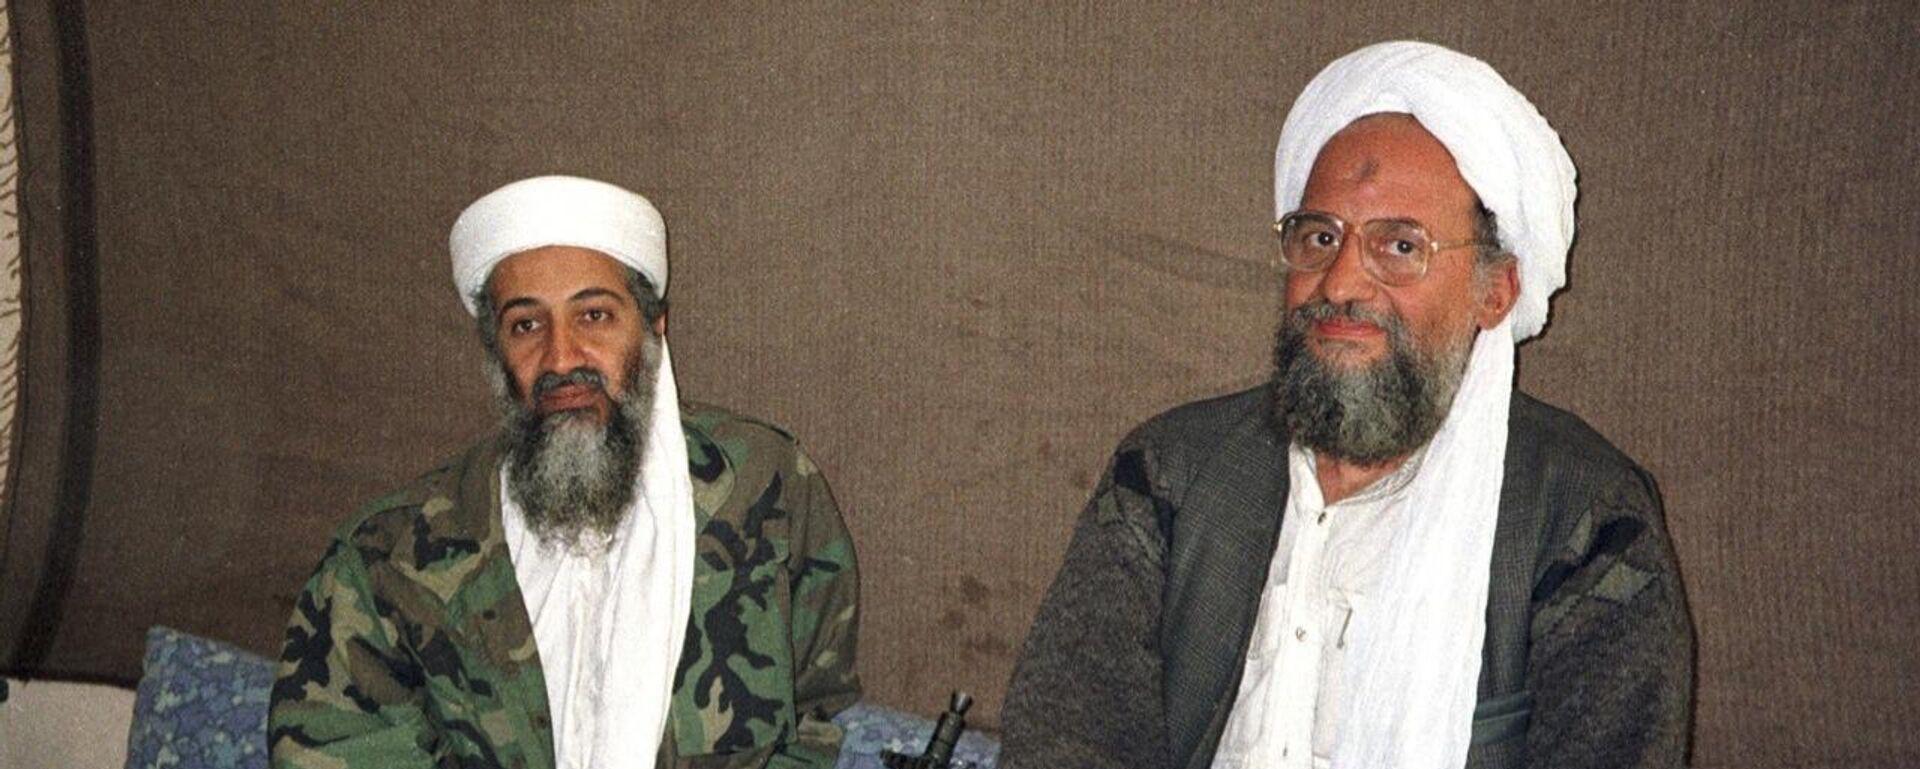 Osama bin Laden und sein Nachfolger Ayman al-Zawahiri - SNA, 1920, 12.09.2021